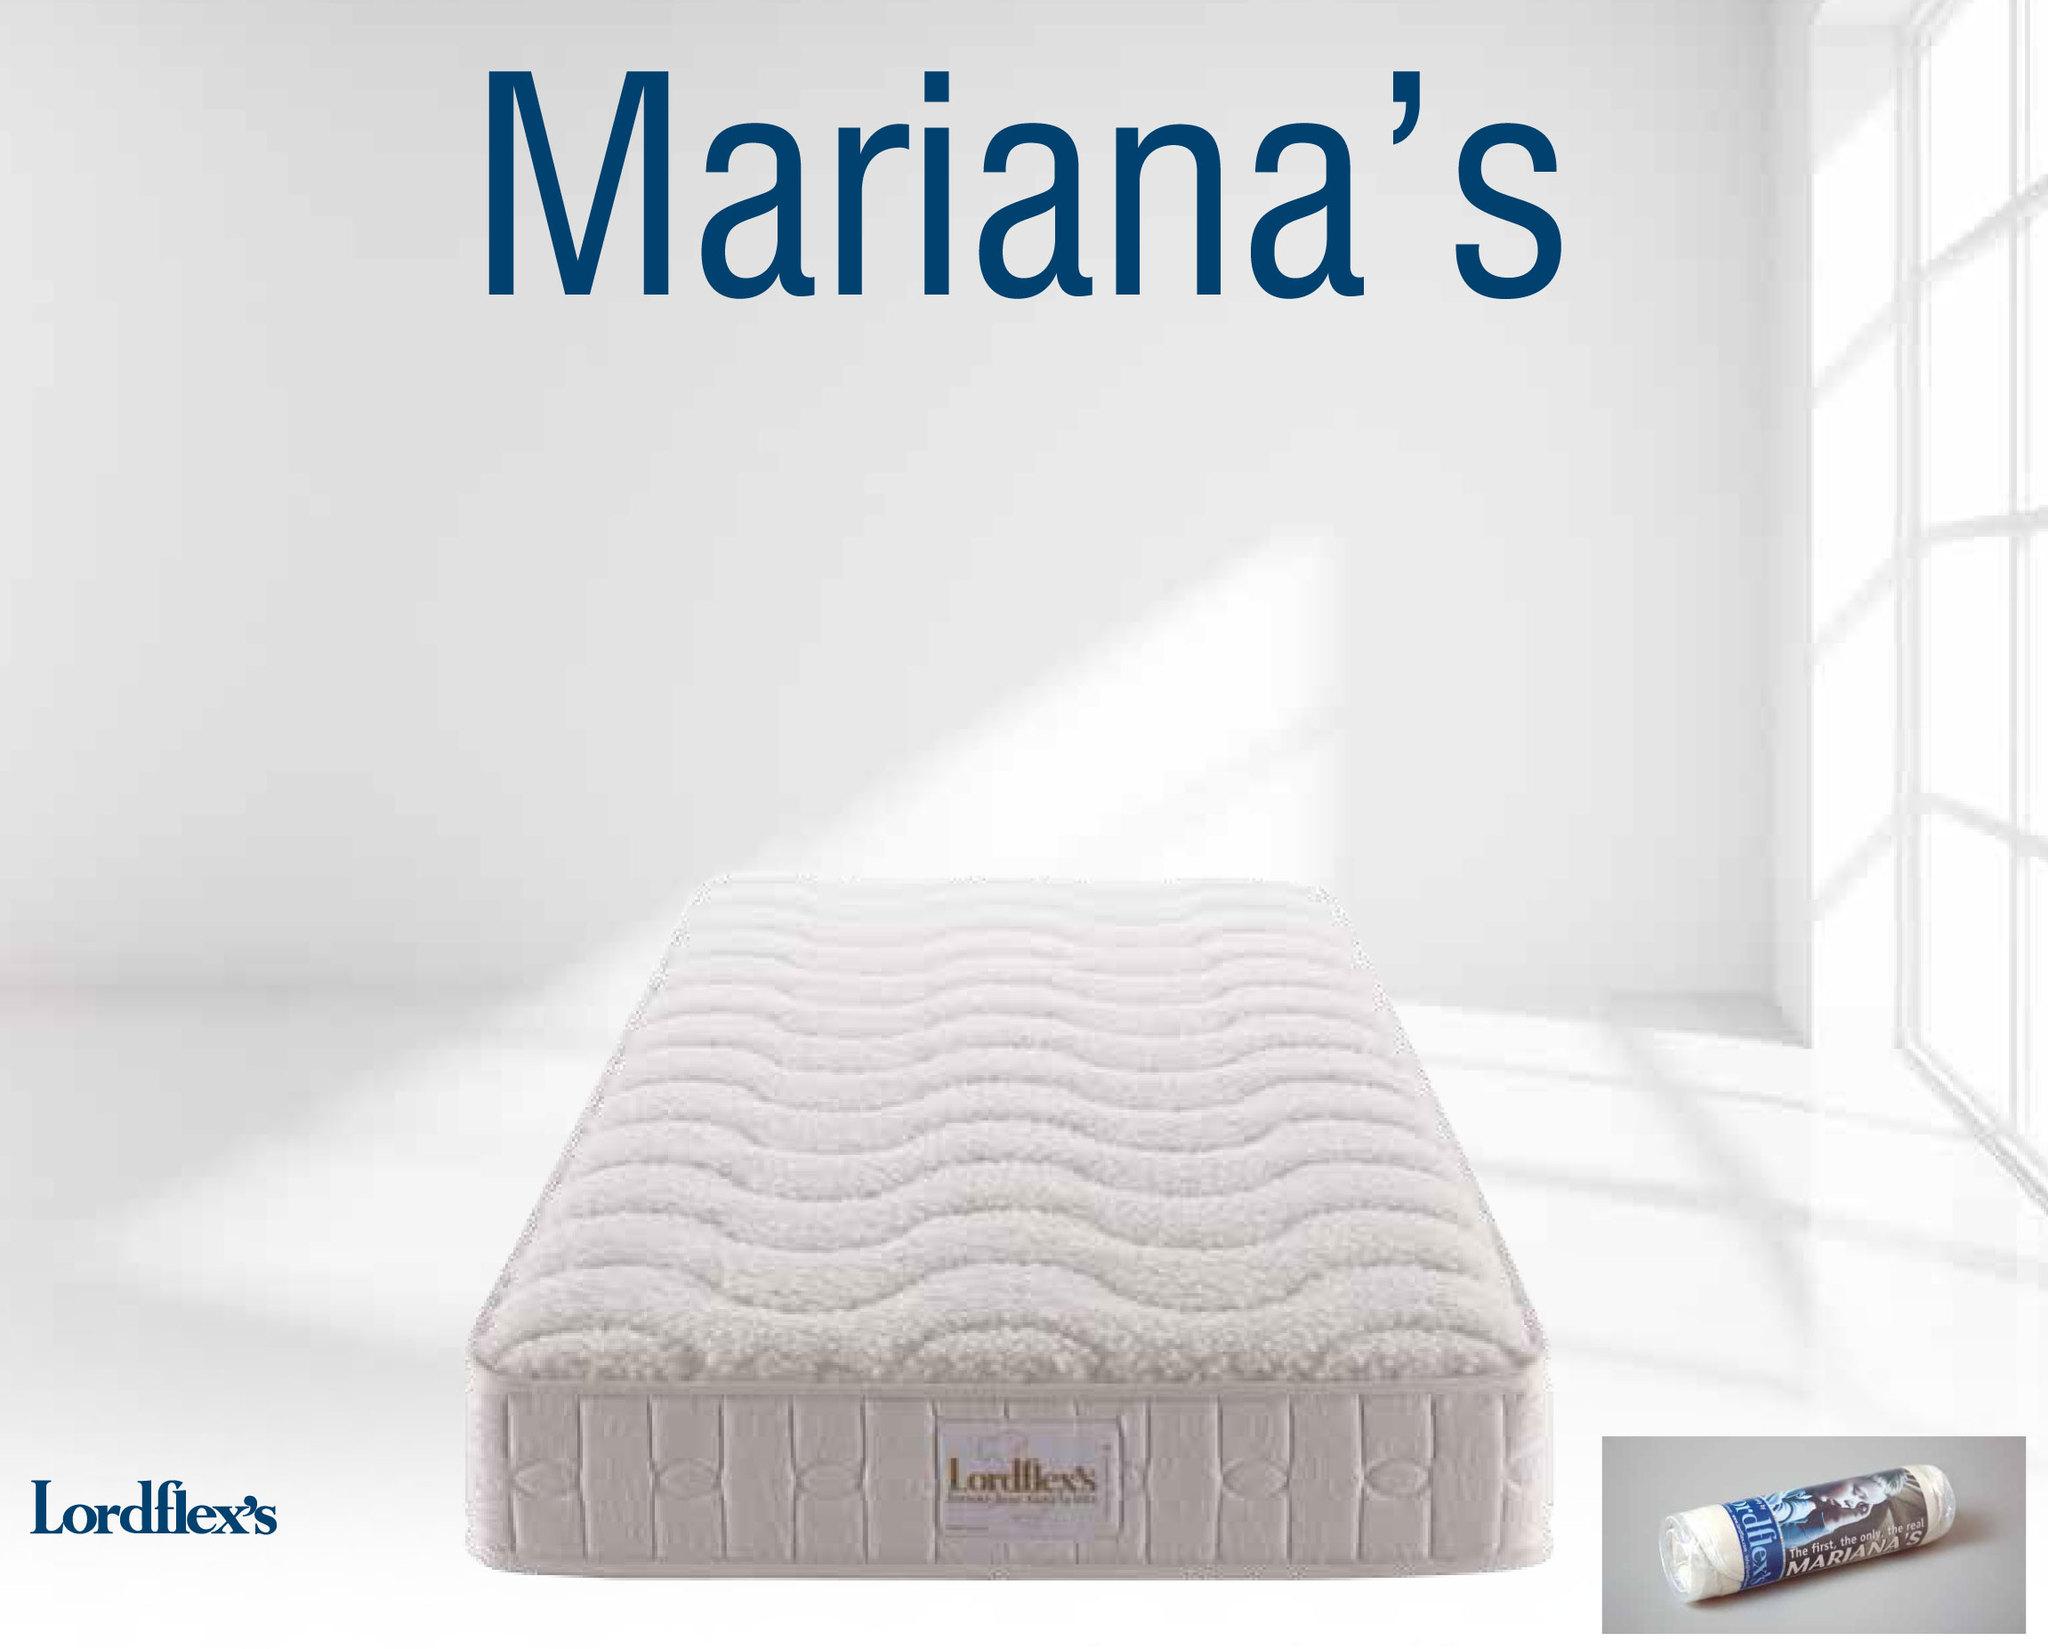 Матрасы Матрас ортопедический Lordflex's Mariana's 80х190 до 140 кг в вакуумной упаковке 1_Mariana_s.jpg